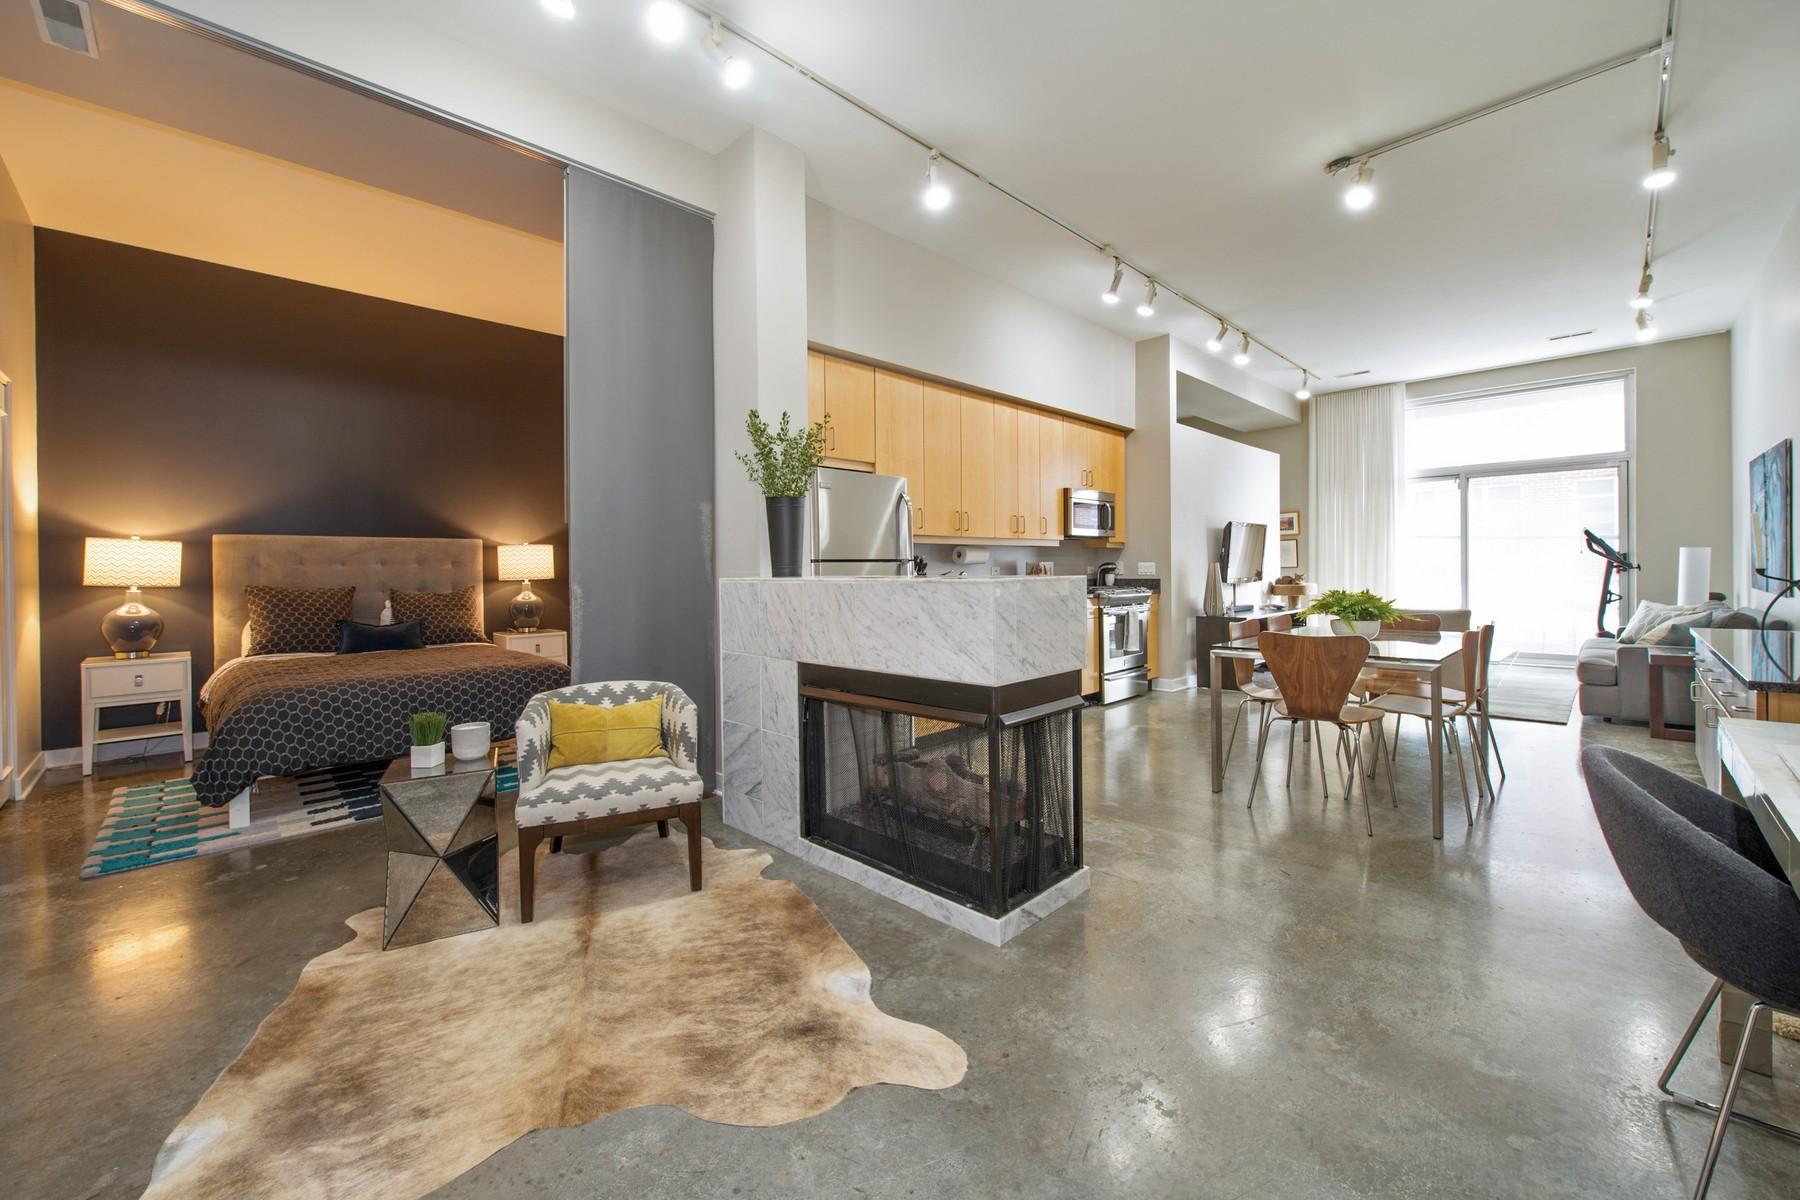 Кондоминиум для того Продажа на Two Bedroom West Loop Loft 939 W Madison Street Unit 205, Near West Side, Chicago, Иллинойс, 60607 Соединенные Штаты